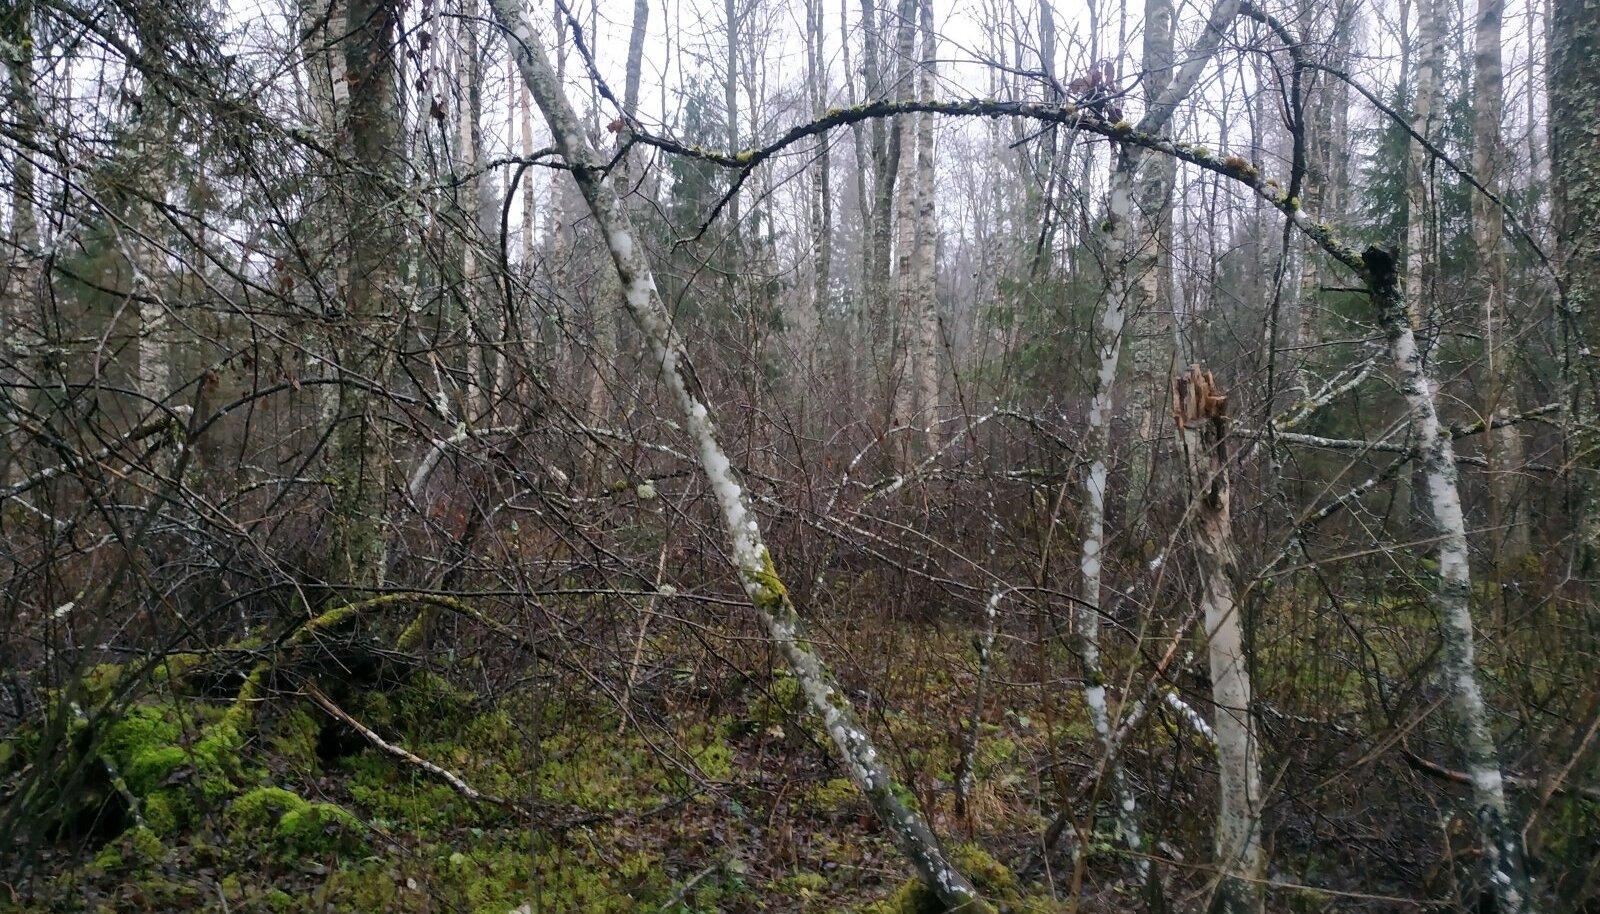 Vaade Teet Randma pere metsast, mida majandatakse vaid oma tarbeks.